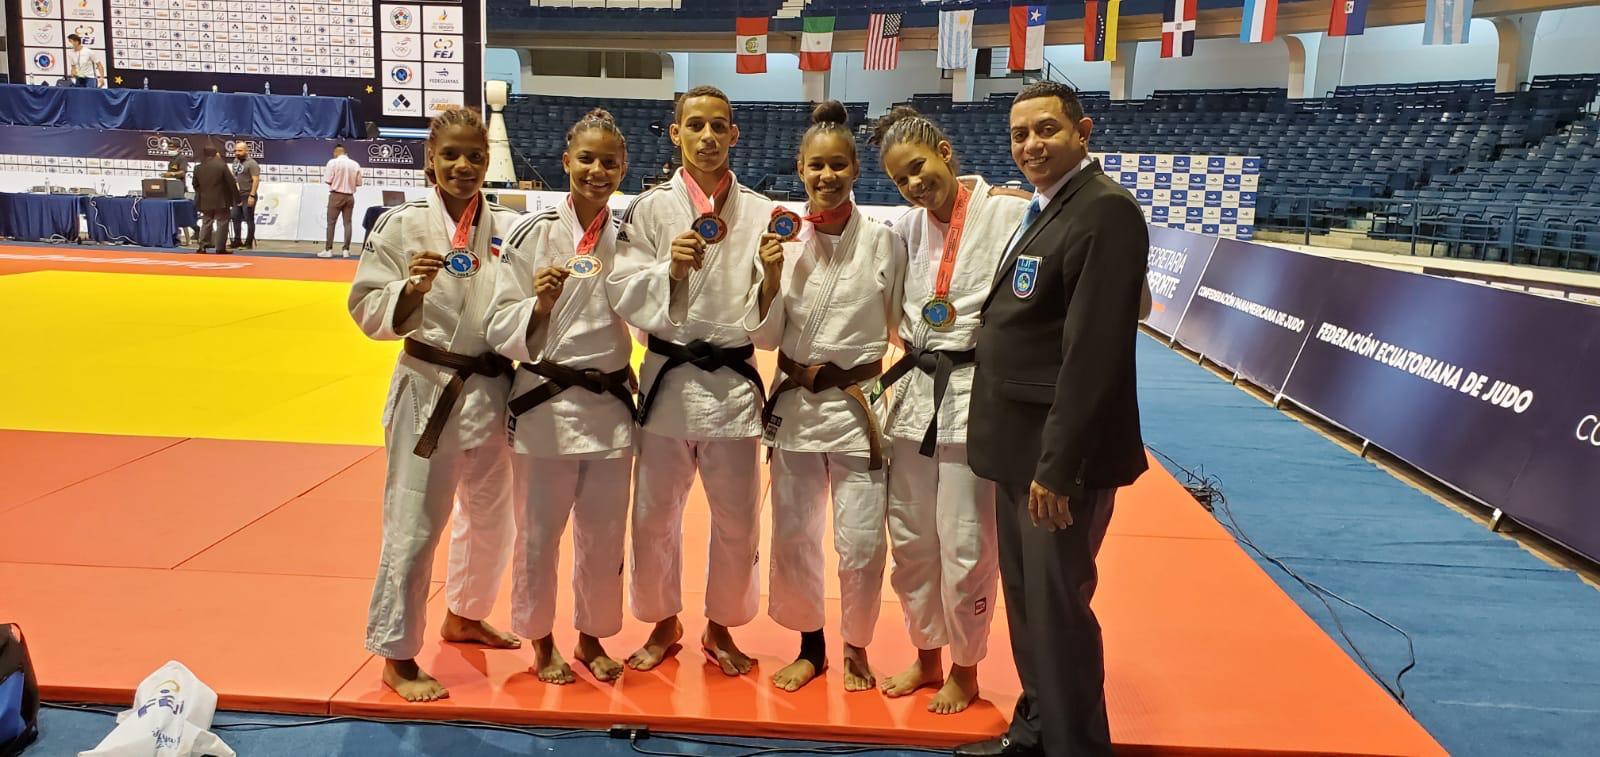 Judocas ganan cinco medallas en clasificatorio Panam Junior Cali